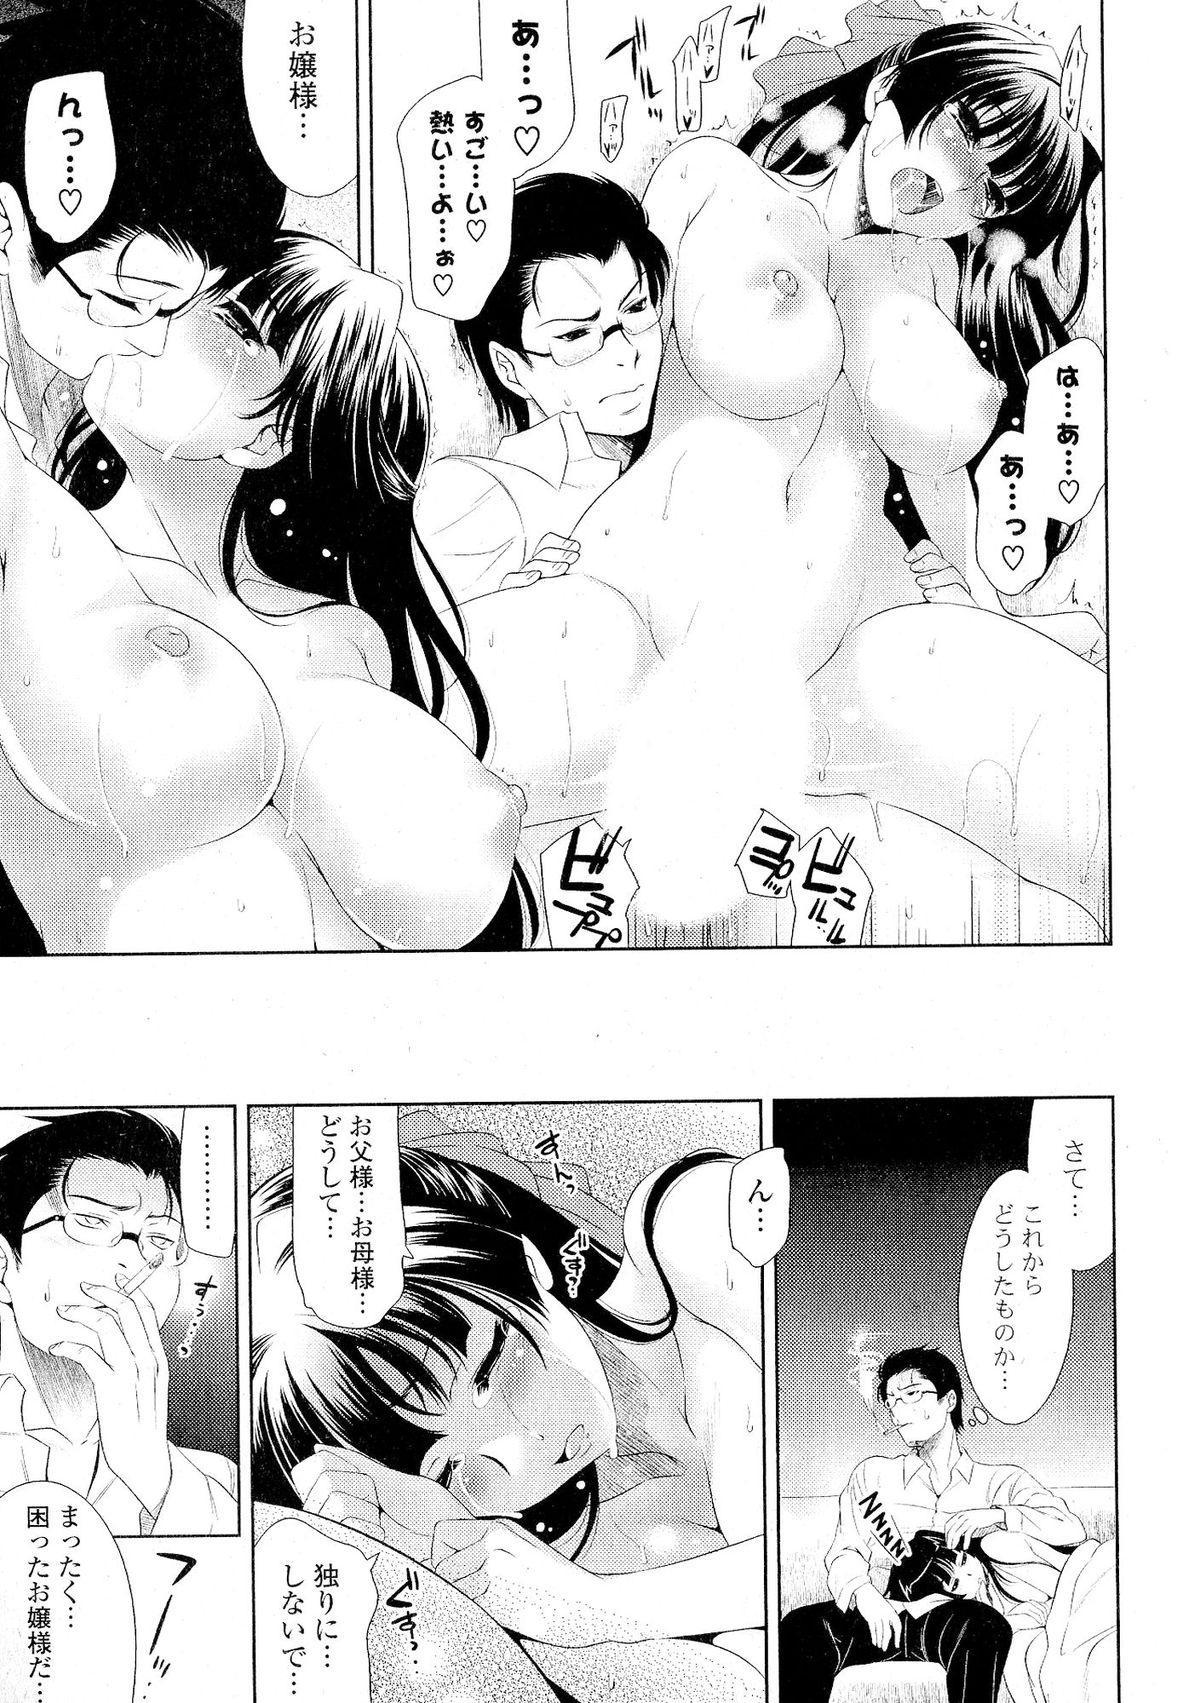 Doki ga Mune Mune Chichimusume 42